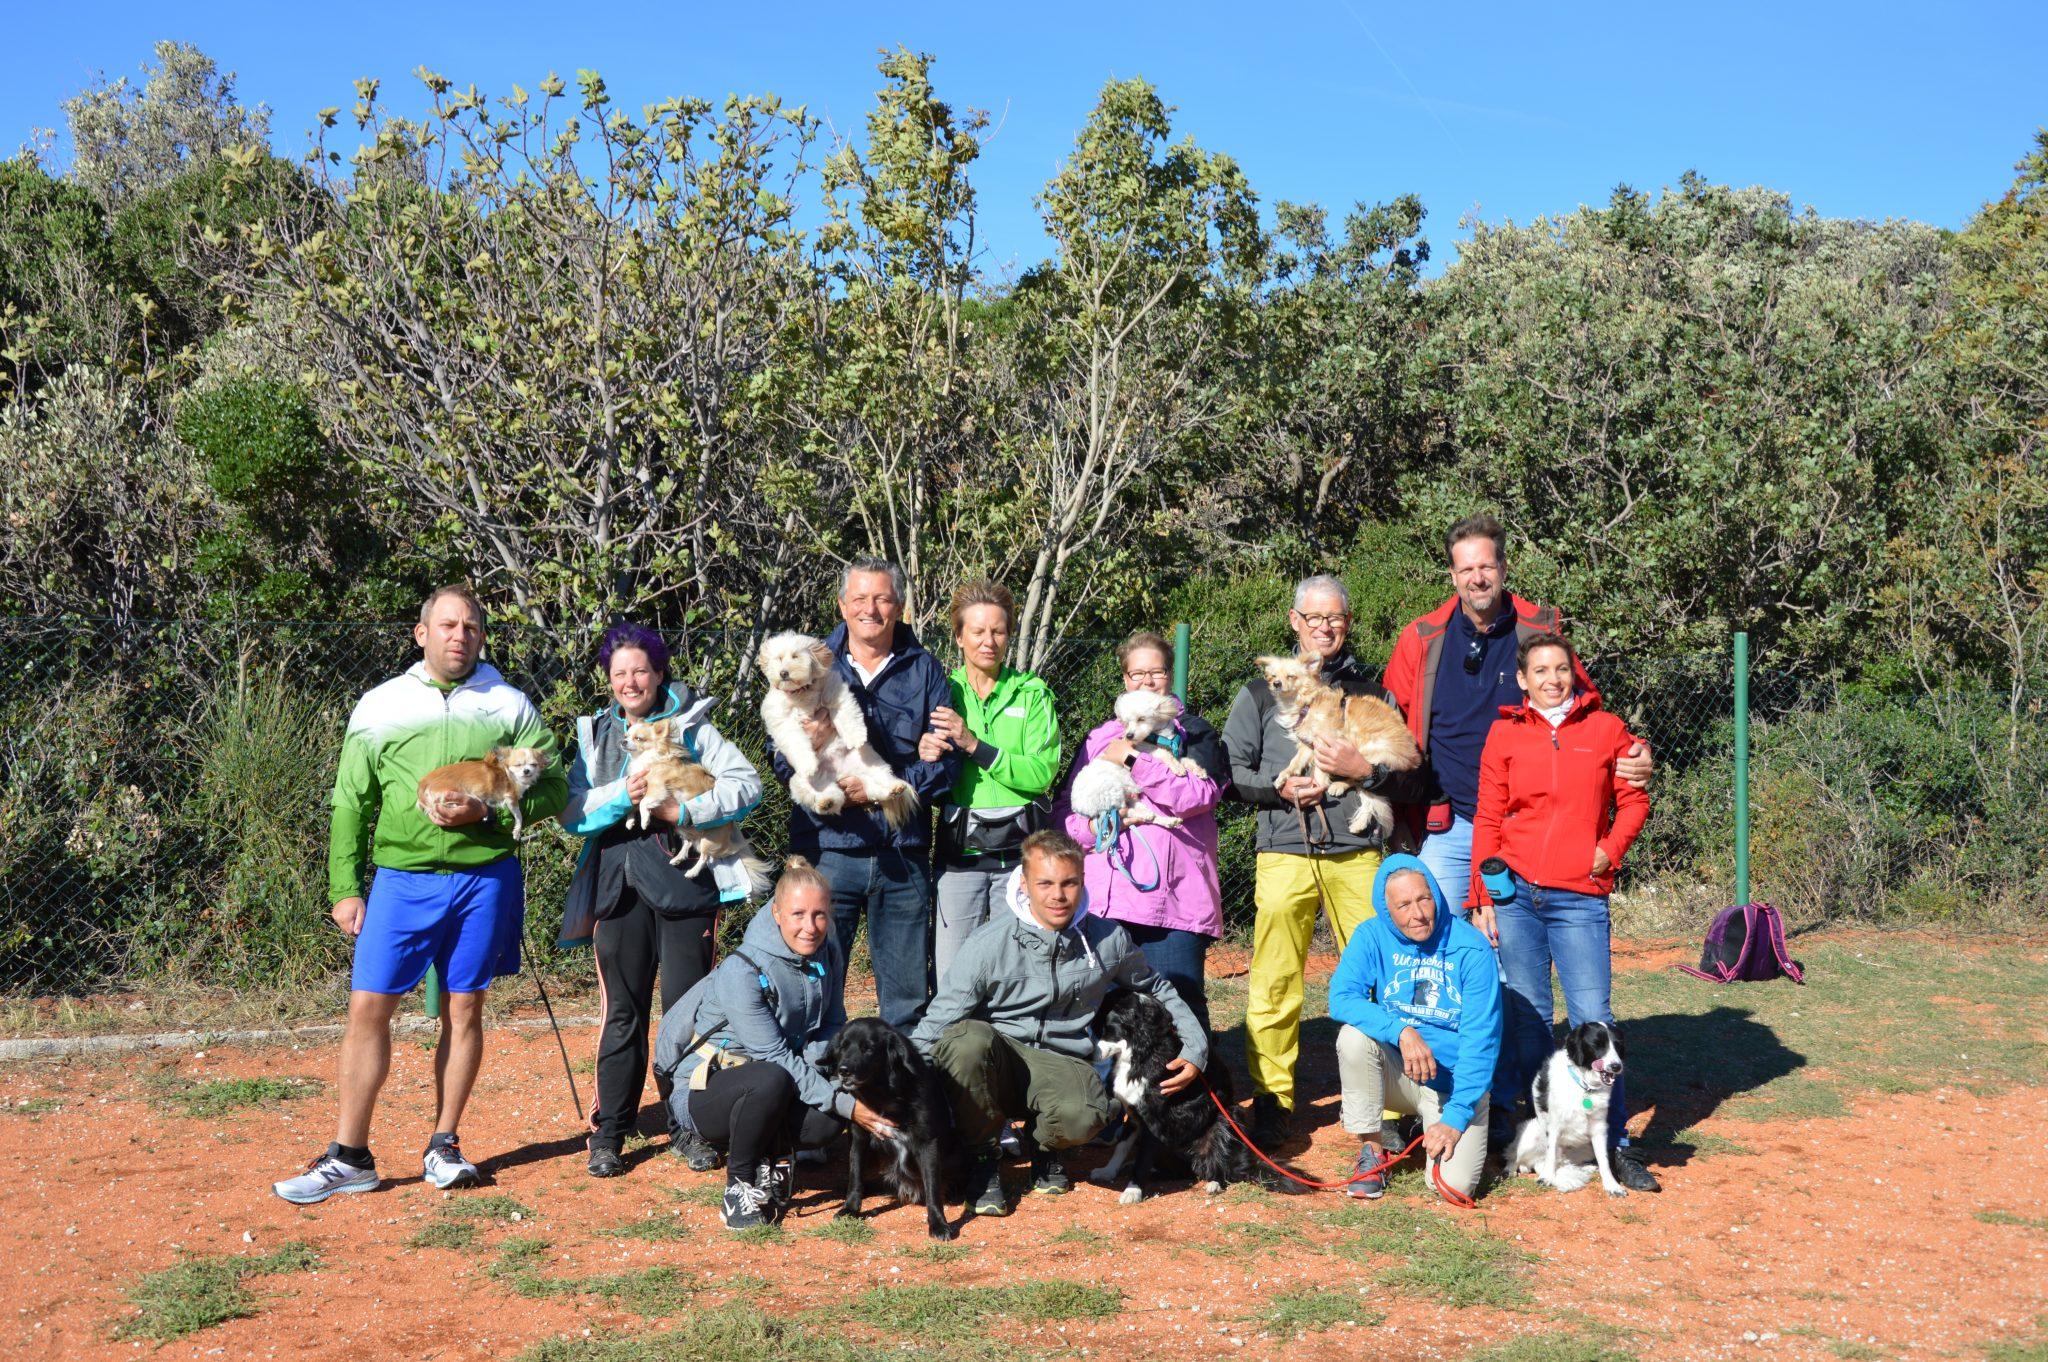 Hundetrainingswoche 2018 auf Camping Slatina